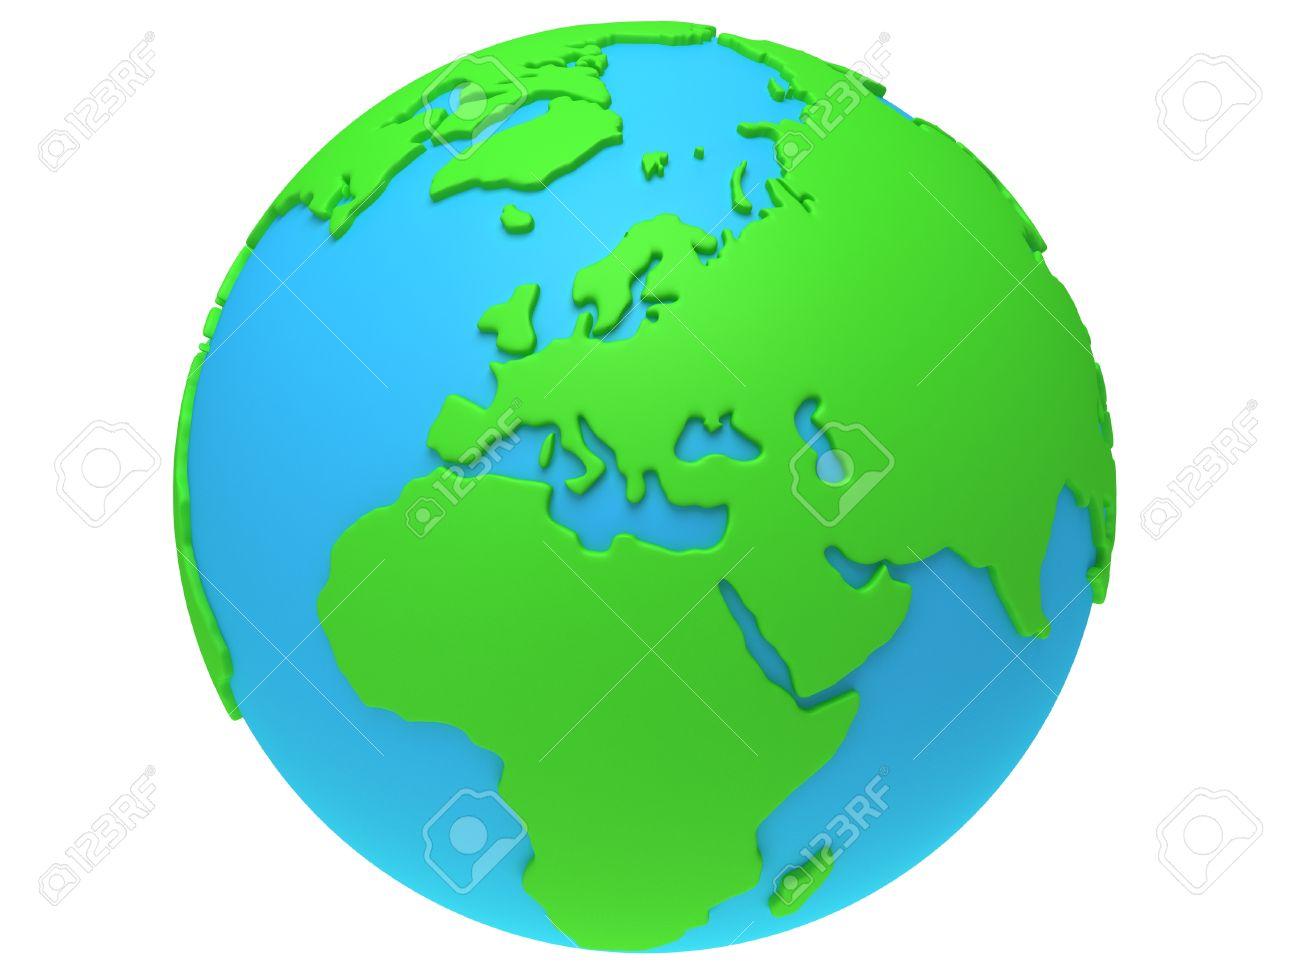 Wunderbar Weltkugel 3d Dekoration Von En Erde . übertragen. Europa Ansicht. Auf